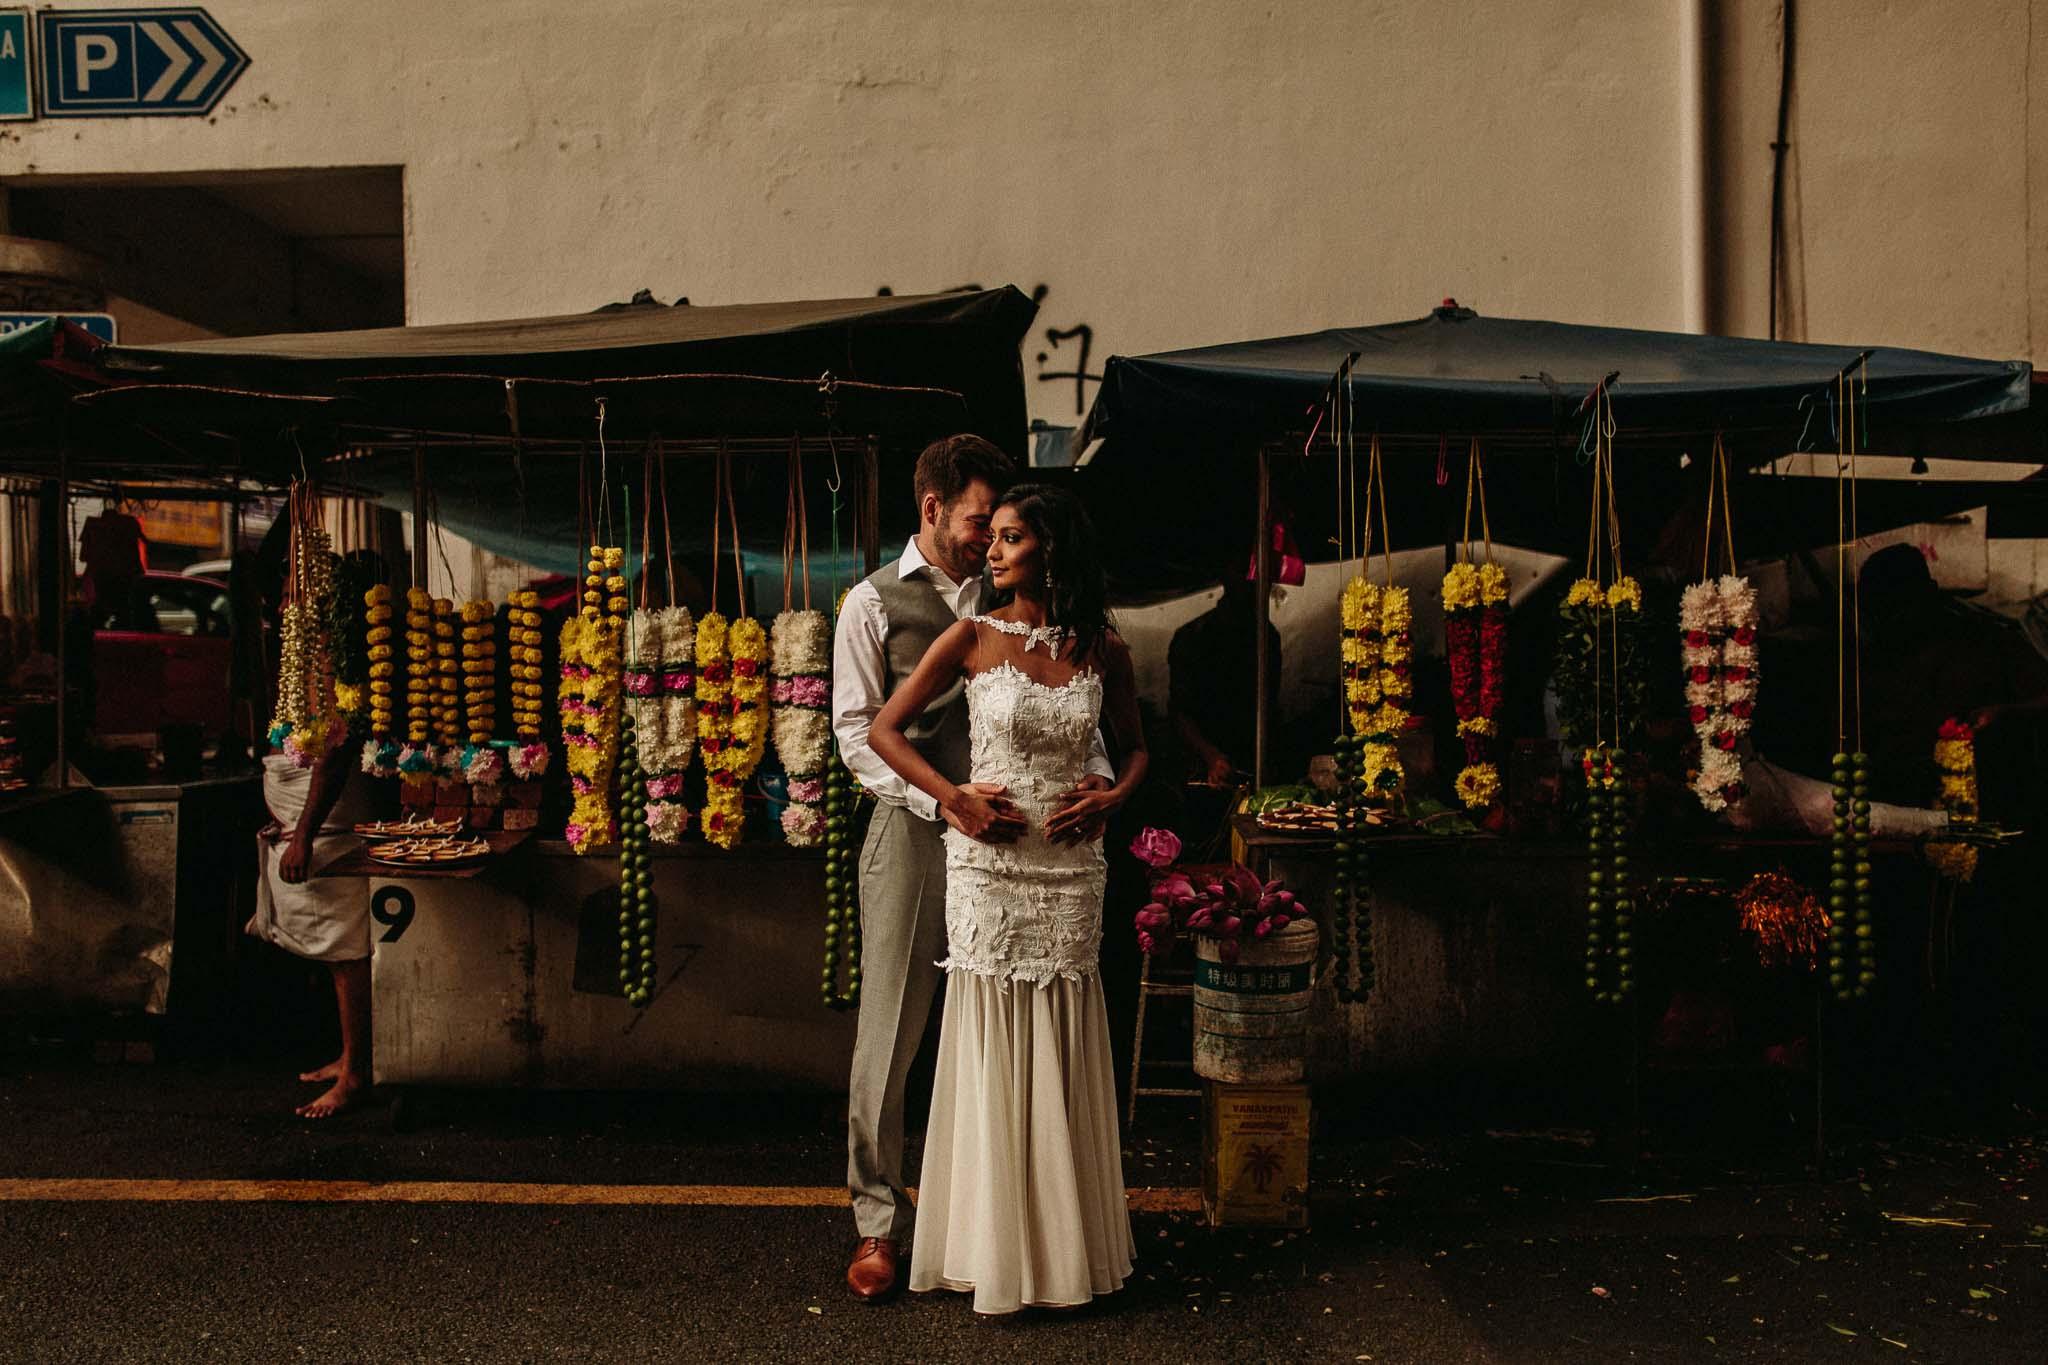 u&m-weddingsbyqay-lovesession-destinationweddingphotographer (74 of 160).jpg